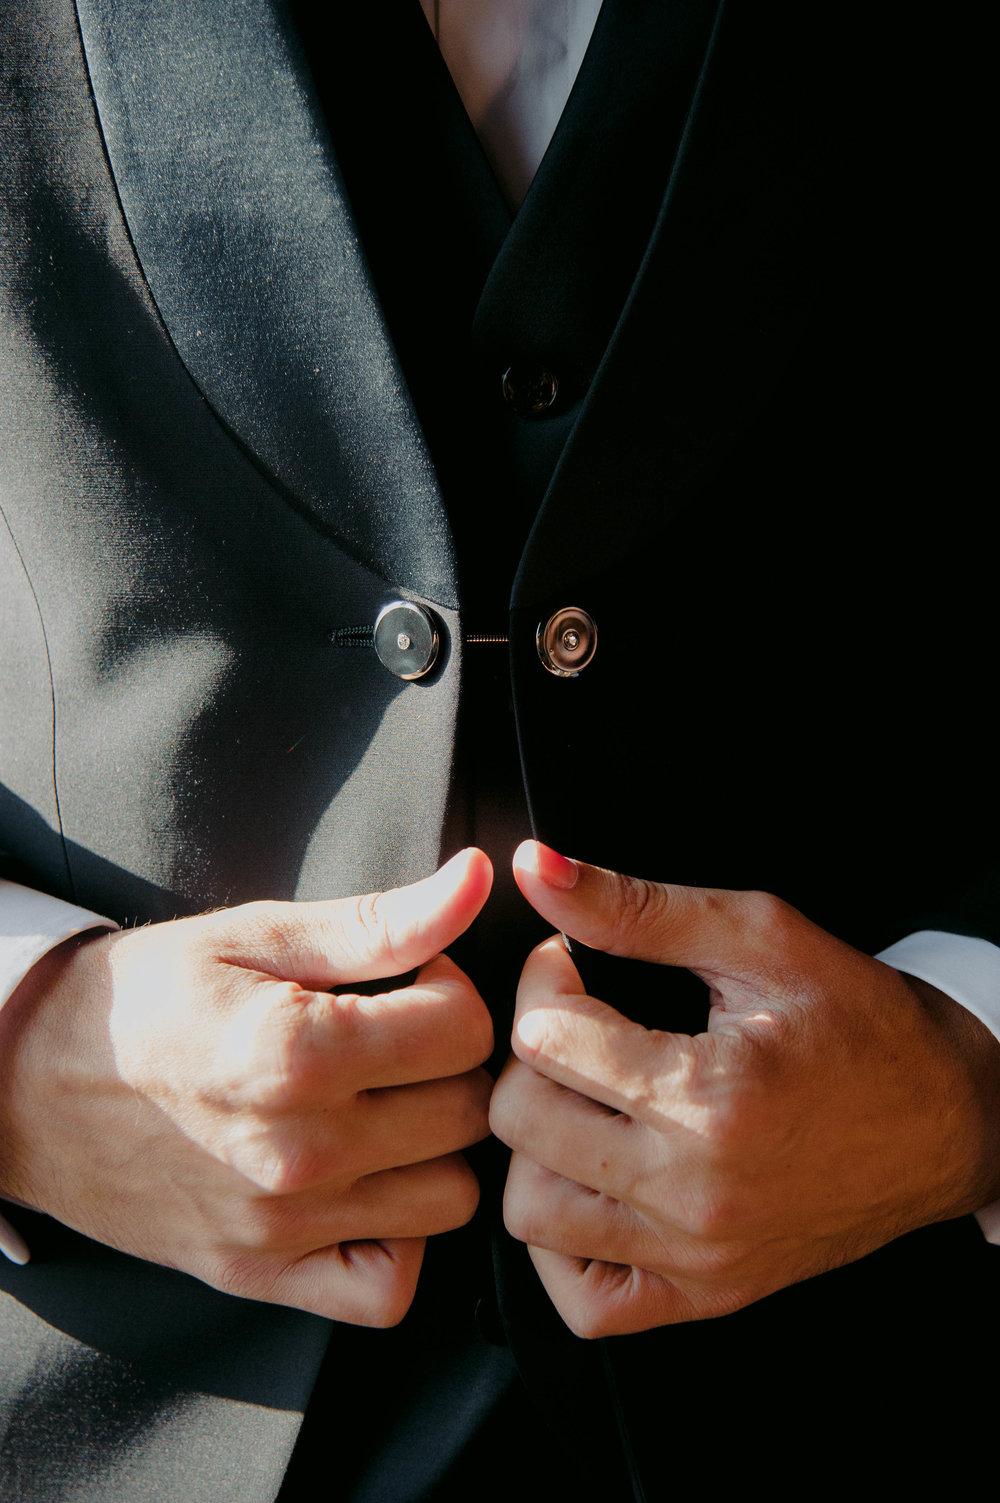 089 - Preparazione sposo.JPG